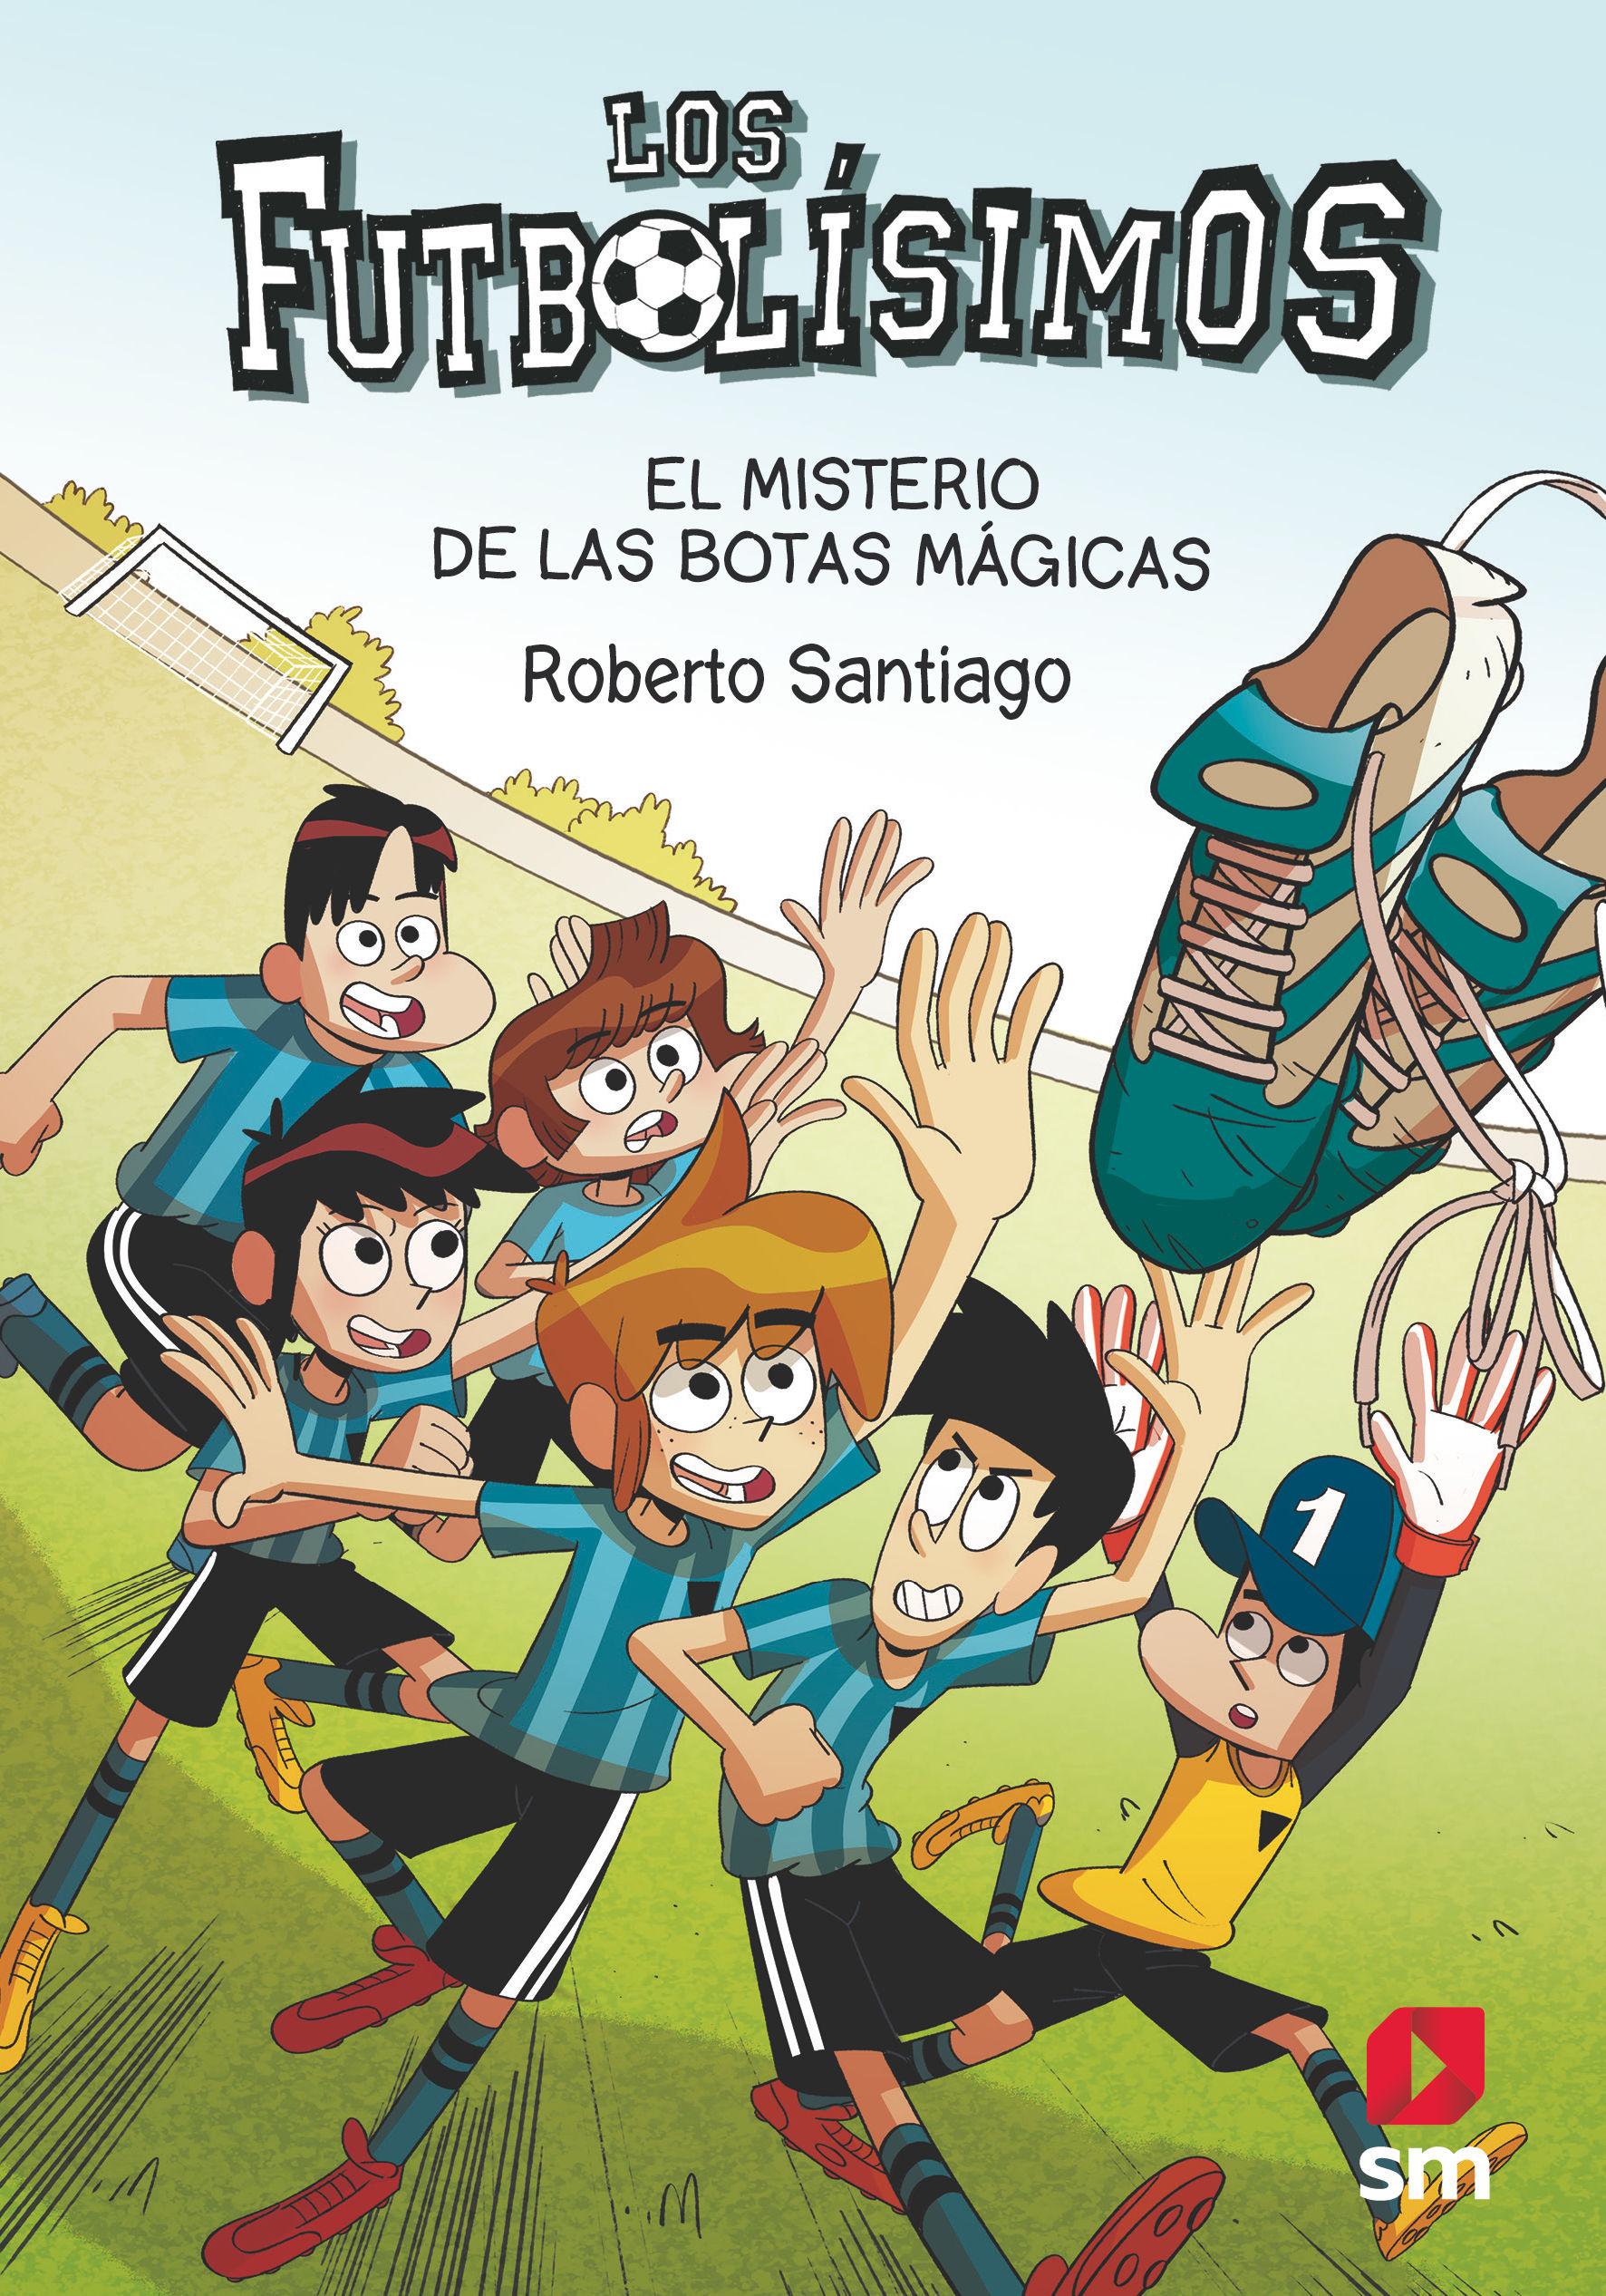 FUTBOLISIMOS 17 EL MISTERIO DE LAS BOTAS MAGICAS